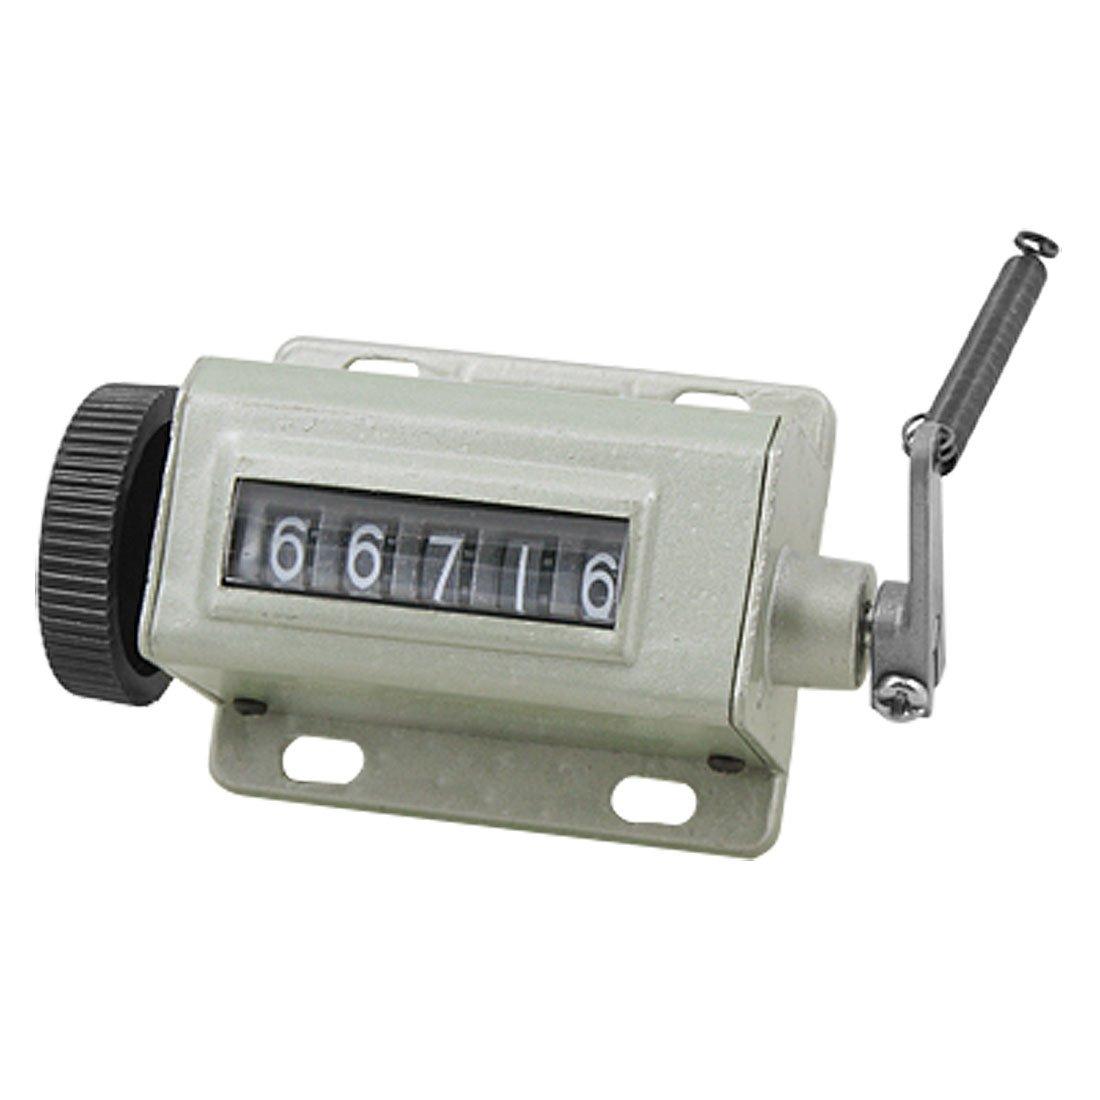 Sourcingmap a10100400ux0196 - Recuento mano 5 número de dígitos contador arithmometer mecánica